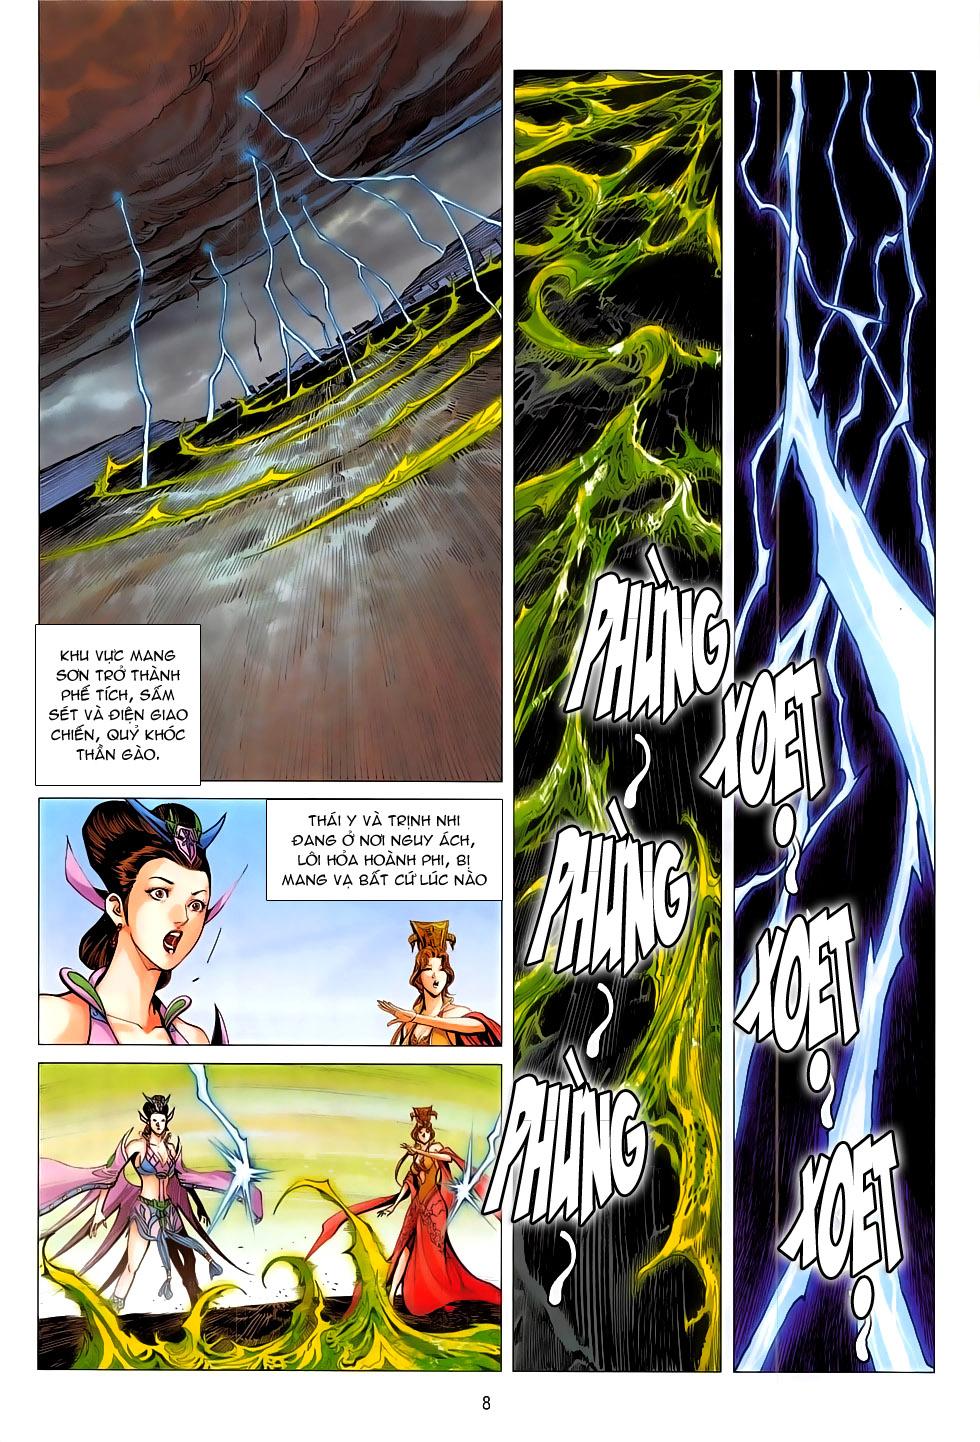 Chiến Phổ chap 19 - Trang 8